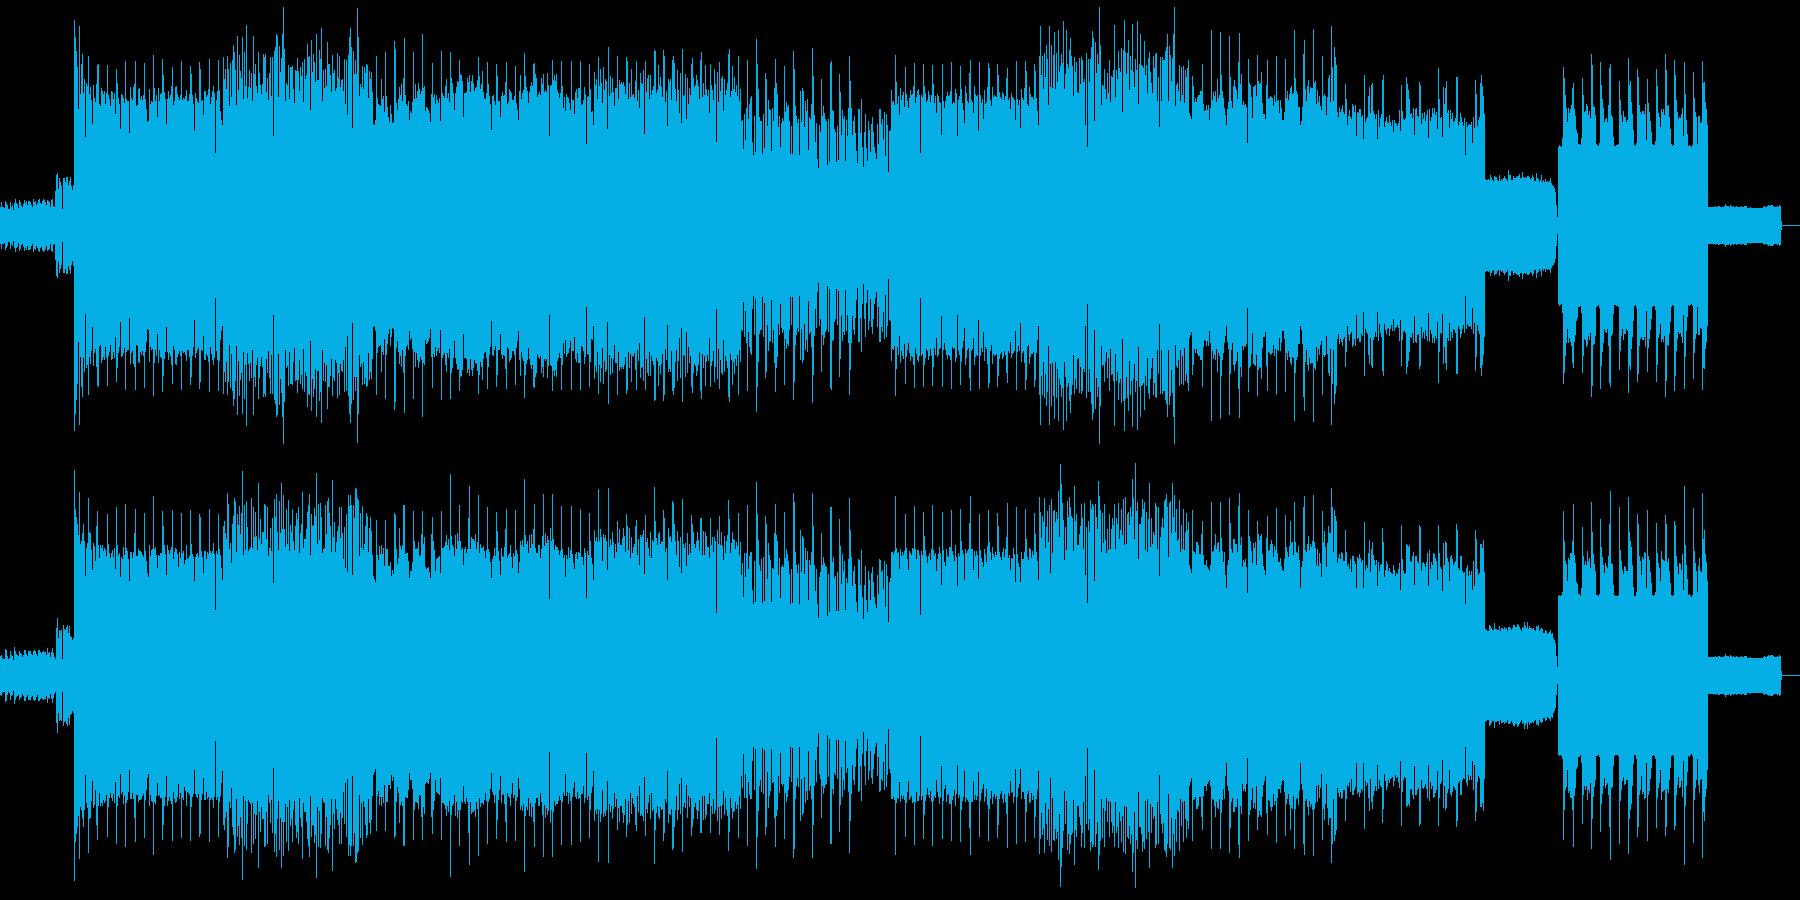 明るいハードダンステクノの再生済みの波形